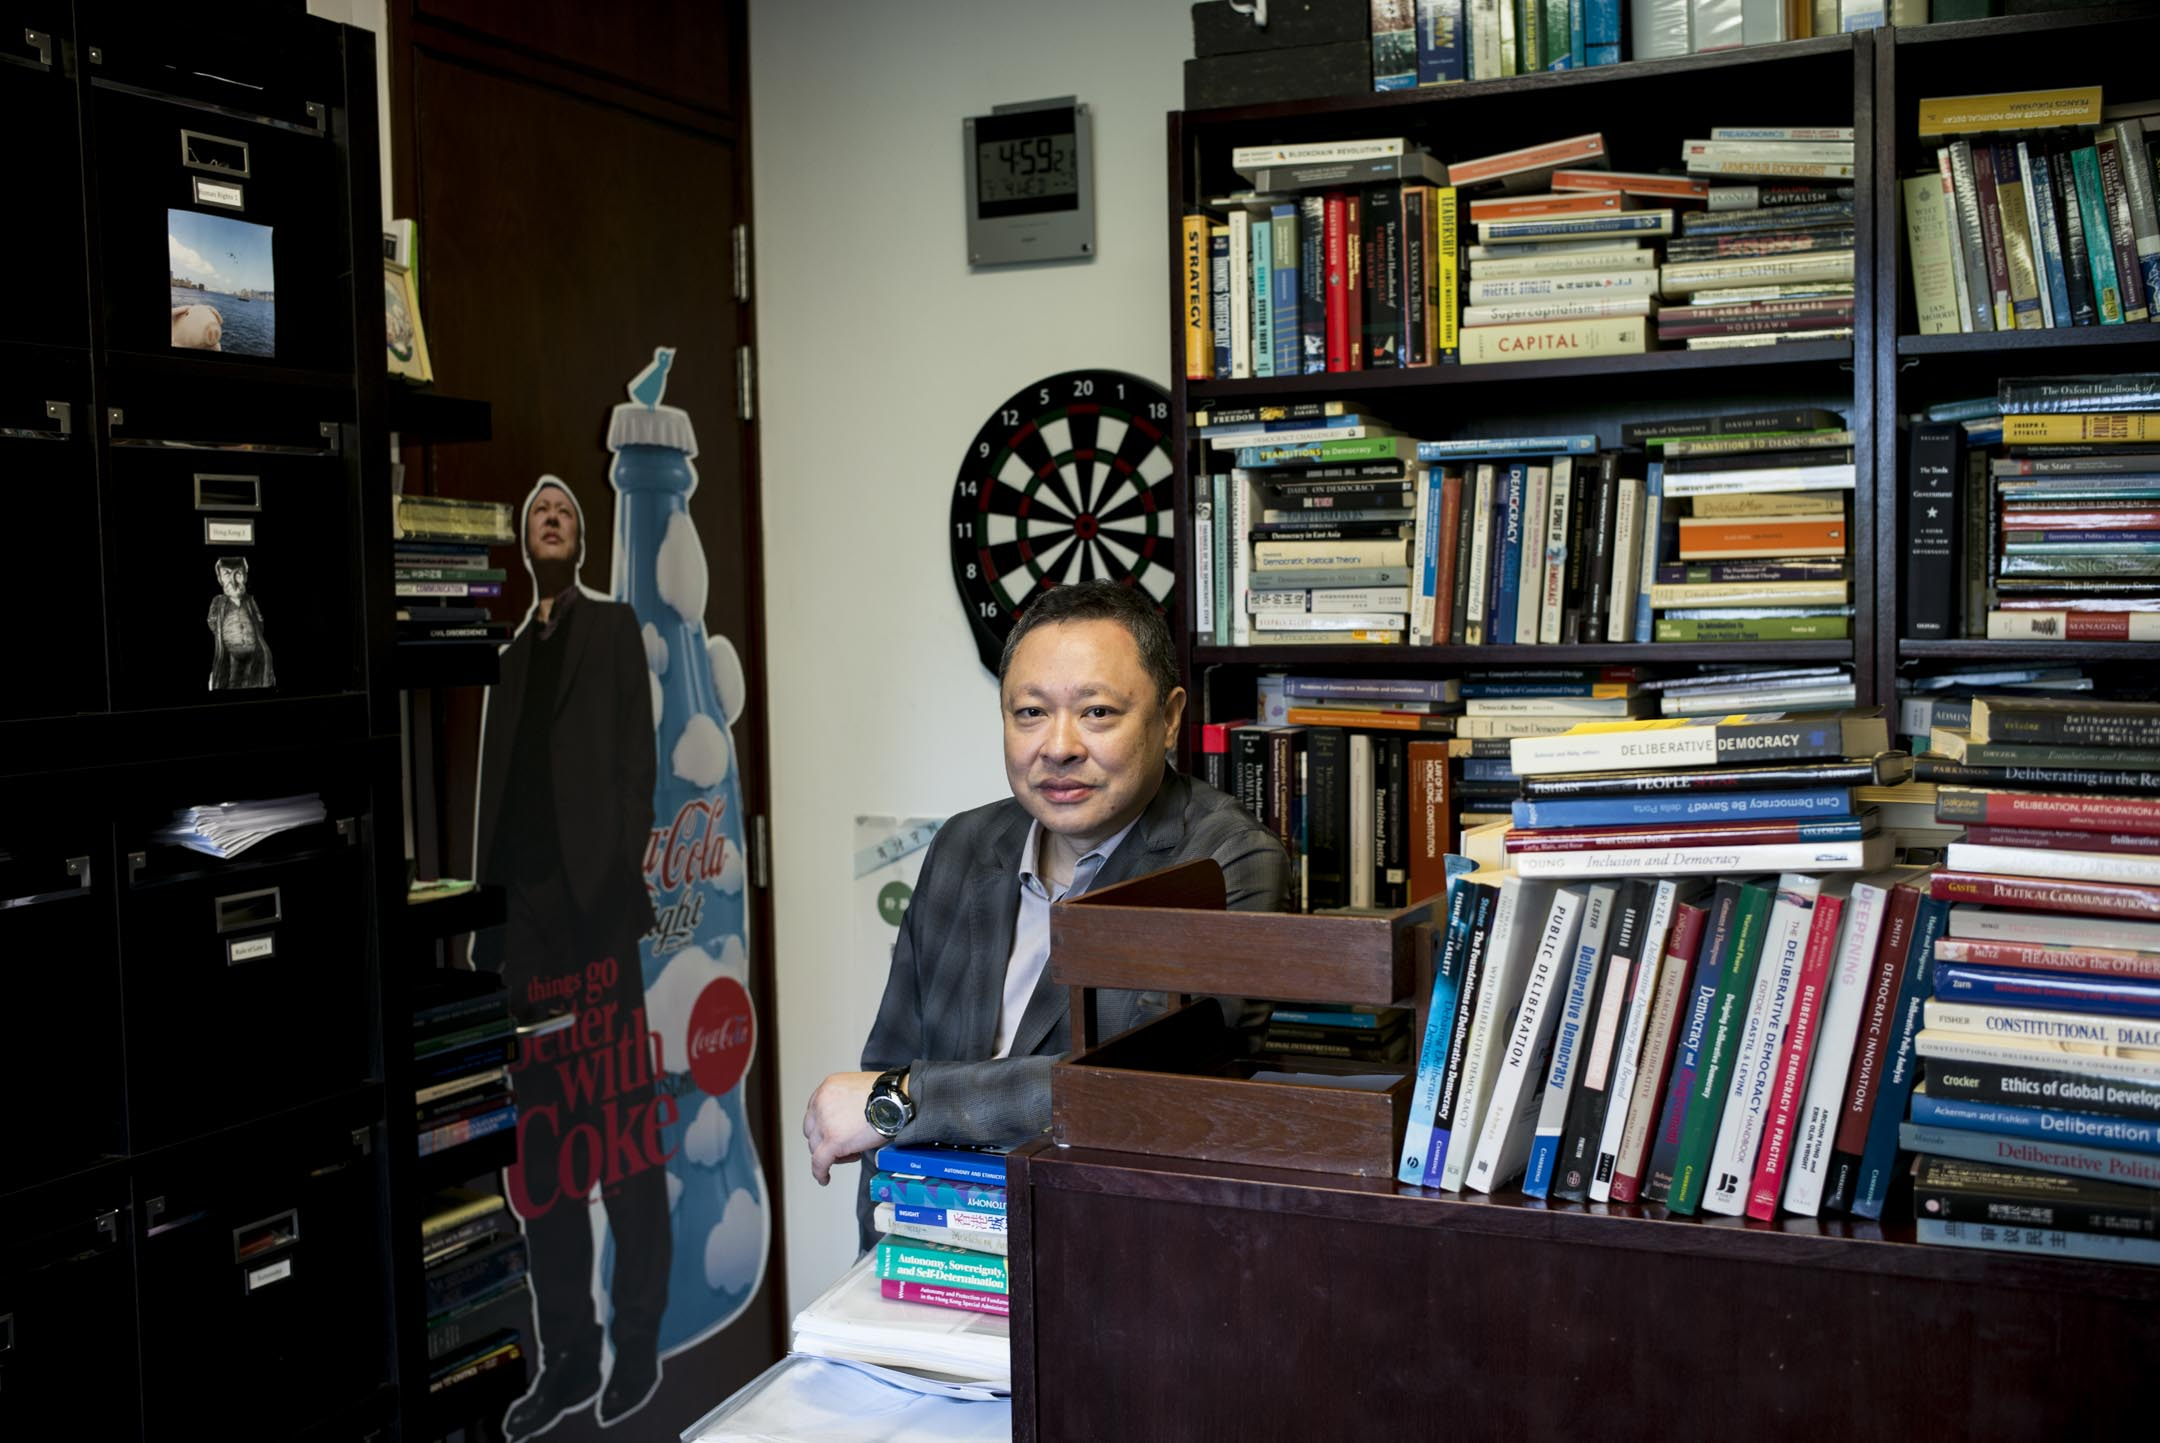 香港大學港大法律系副教授戴耀廷,於新學年向港大申請了半年的學術休假。目前他想更妥善準備明年推動的「風雲計劃」,「接著就是面對十一月的審訊,審完後有機會立即入獄,也要做好自己的心理準備。」 攝:林振東/端傳媒